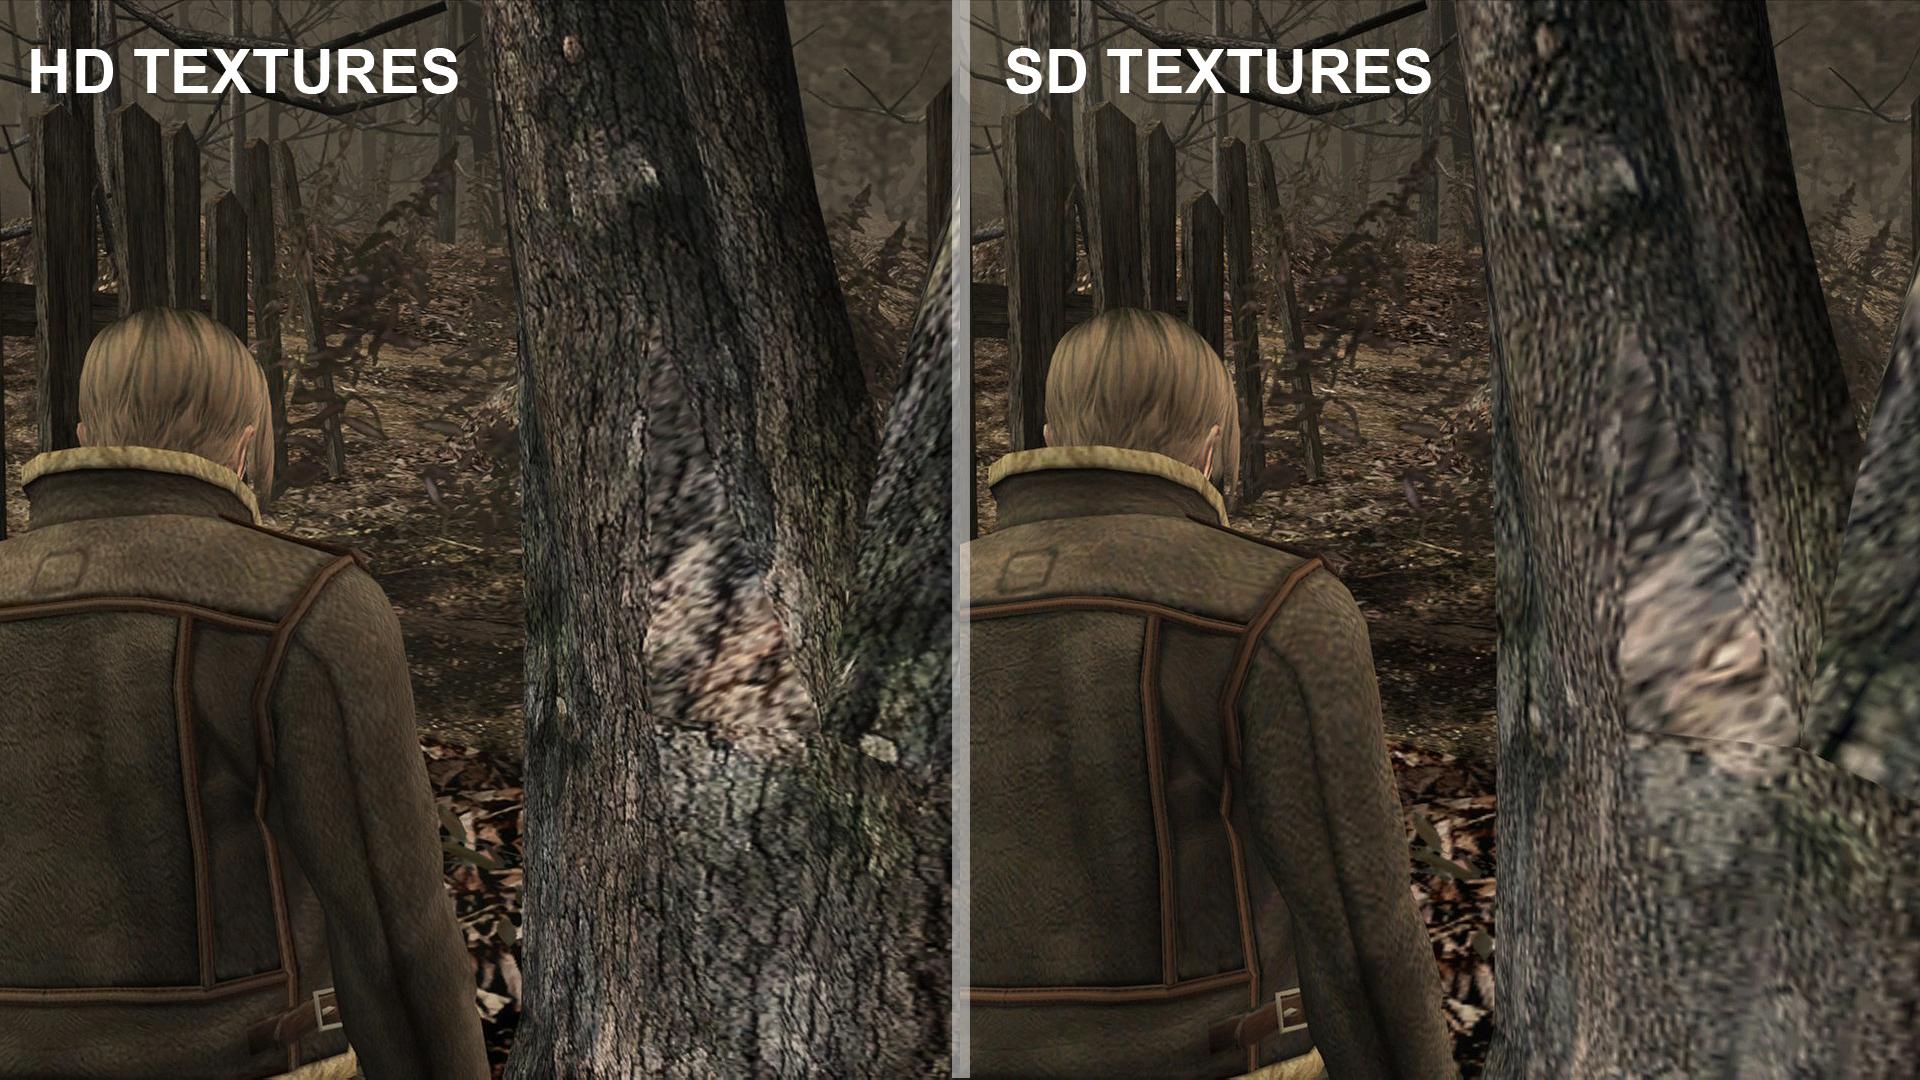 Recomendaciones de juegos  - Página 2 Resident_evil_4_ultimate_hd_comparison_07